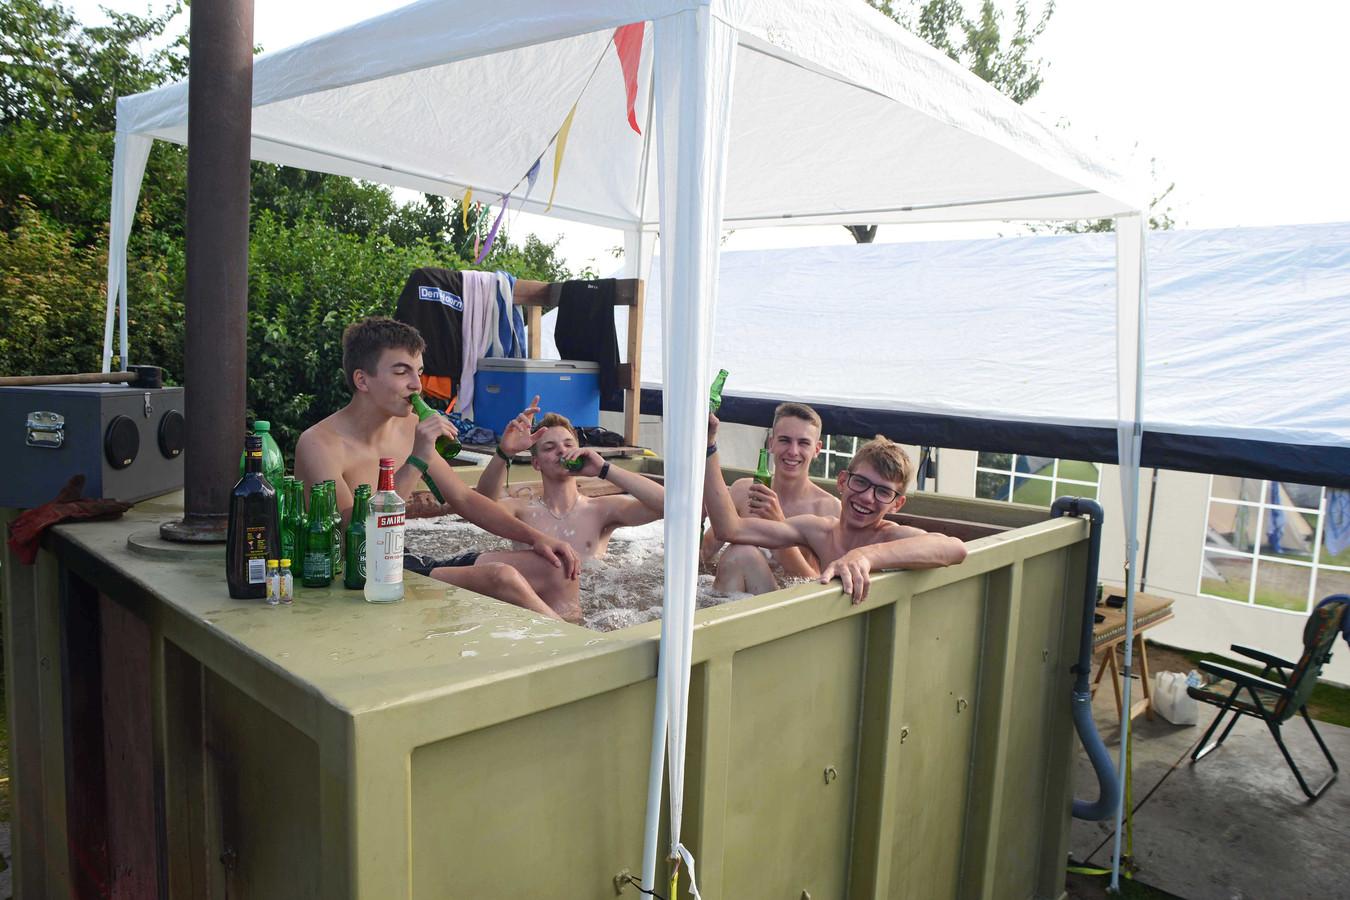 Scharendijke Camping Duin en Strand  Sem Kleyweg, Max Kleyweg Jordy de scheppter en Justin Ammerlaan uit Den Hoorn moeten dit enorme container-gevaarte zaterdag weer terug zien te krijgen in Den Hoorn.